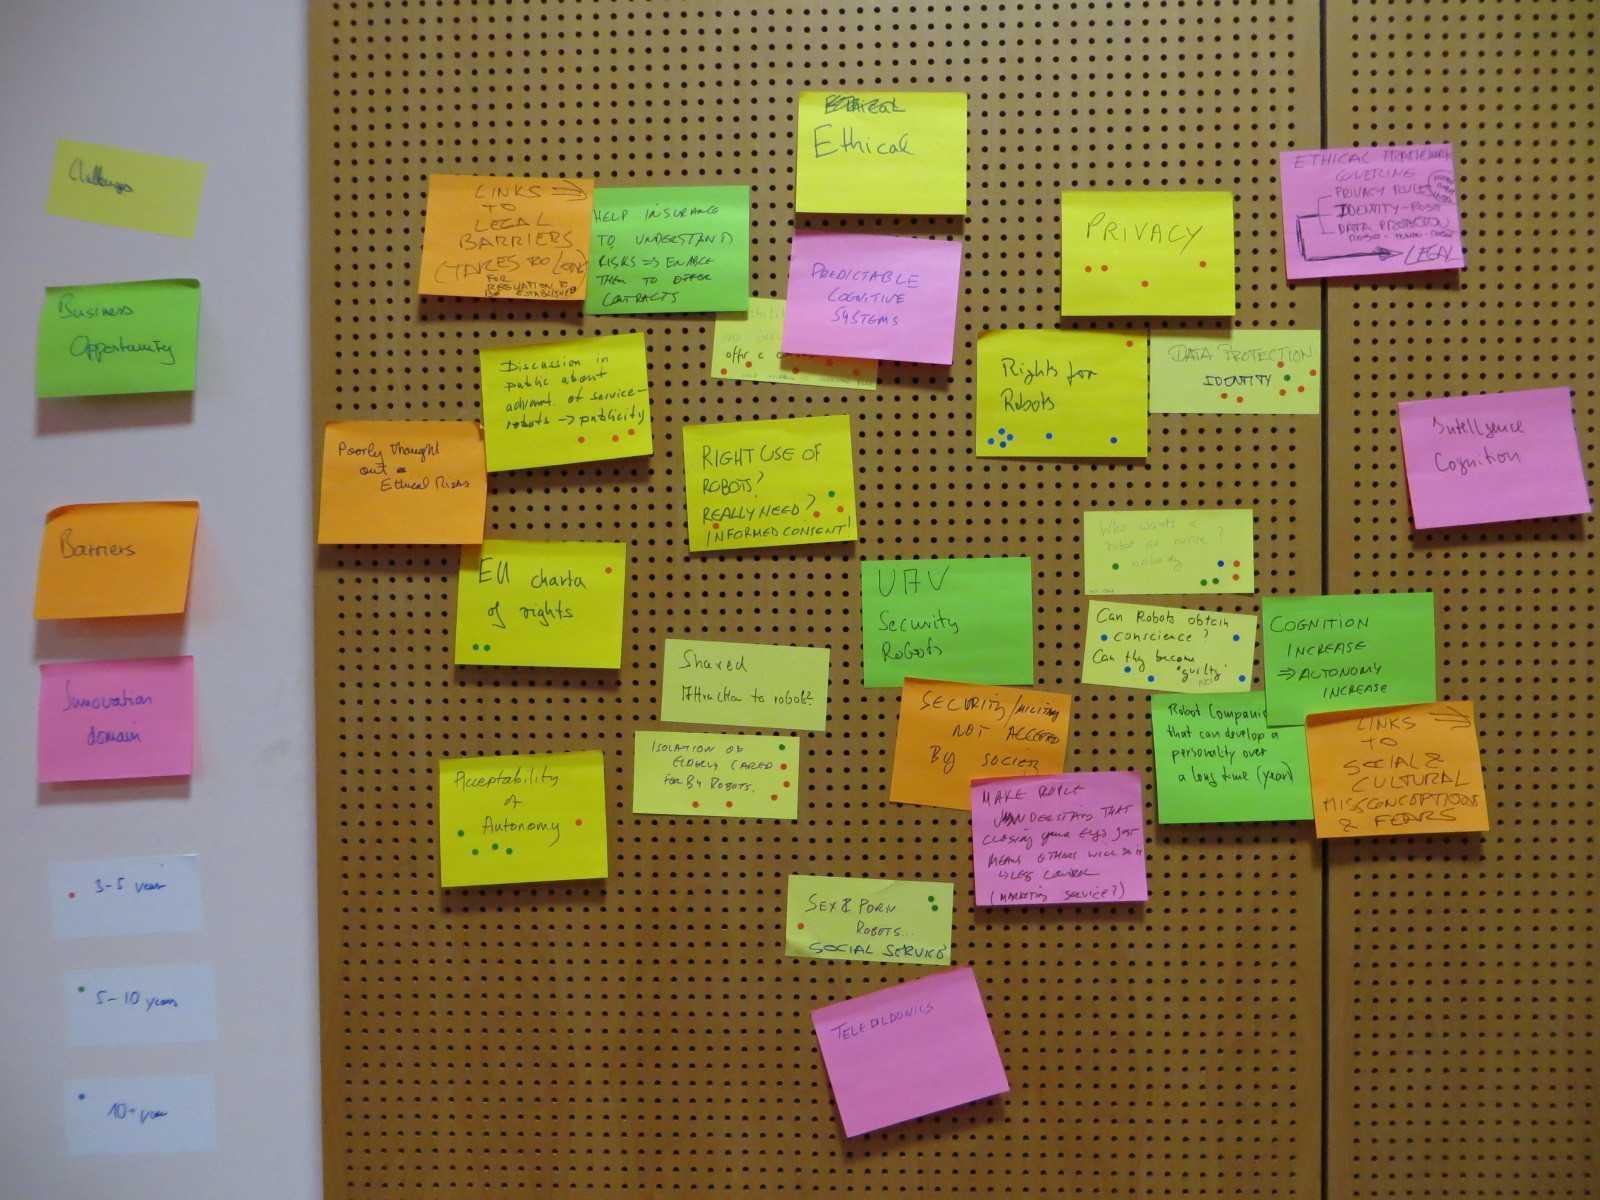 Beim Brainstorming zu ethischen Problemen der Robotik kamen dann doch einige Ideen zusammen.